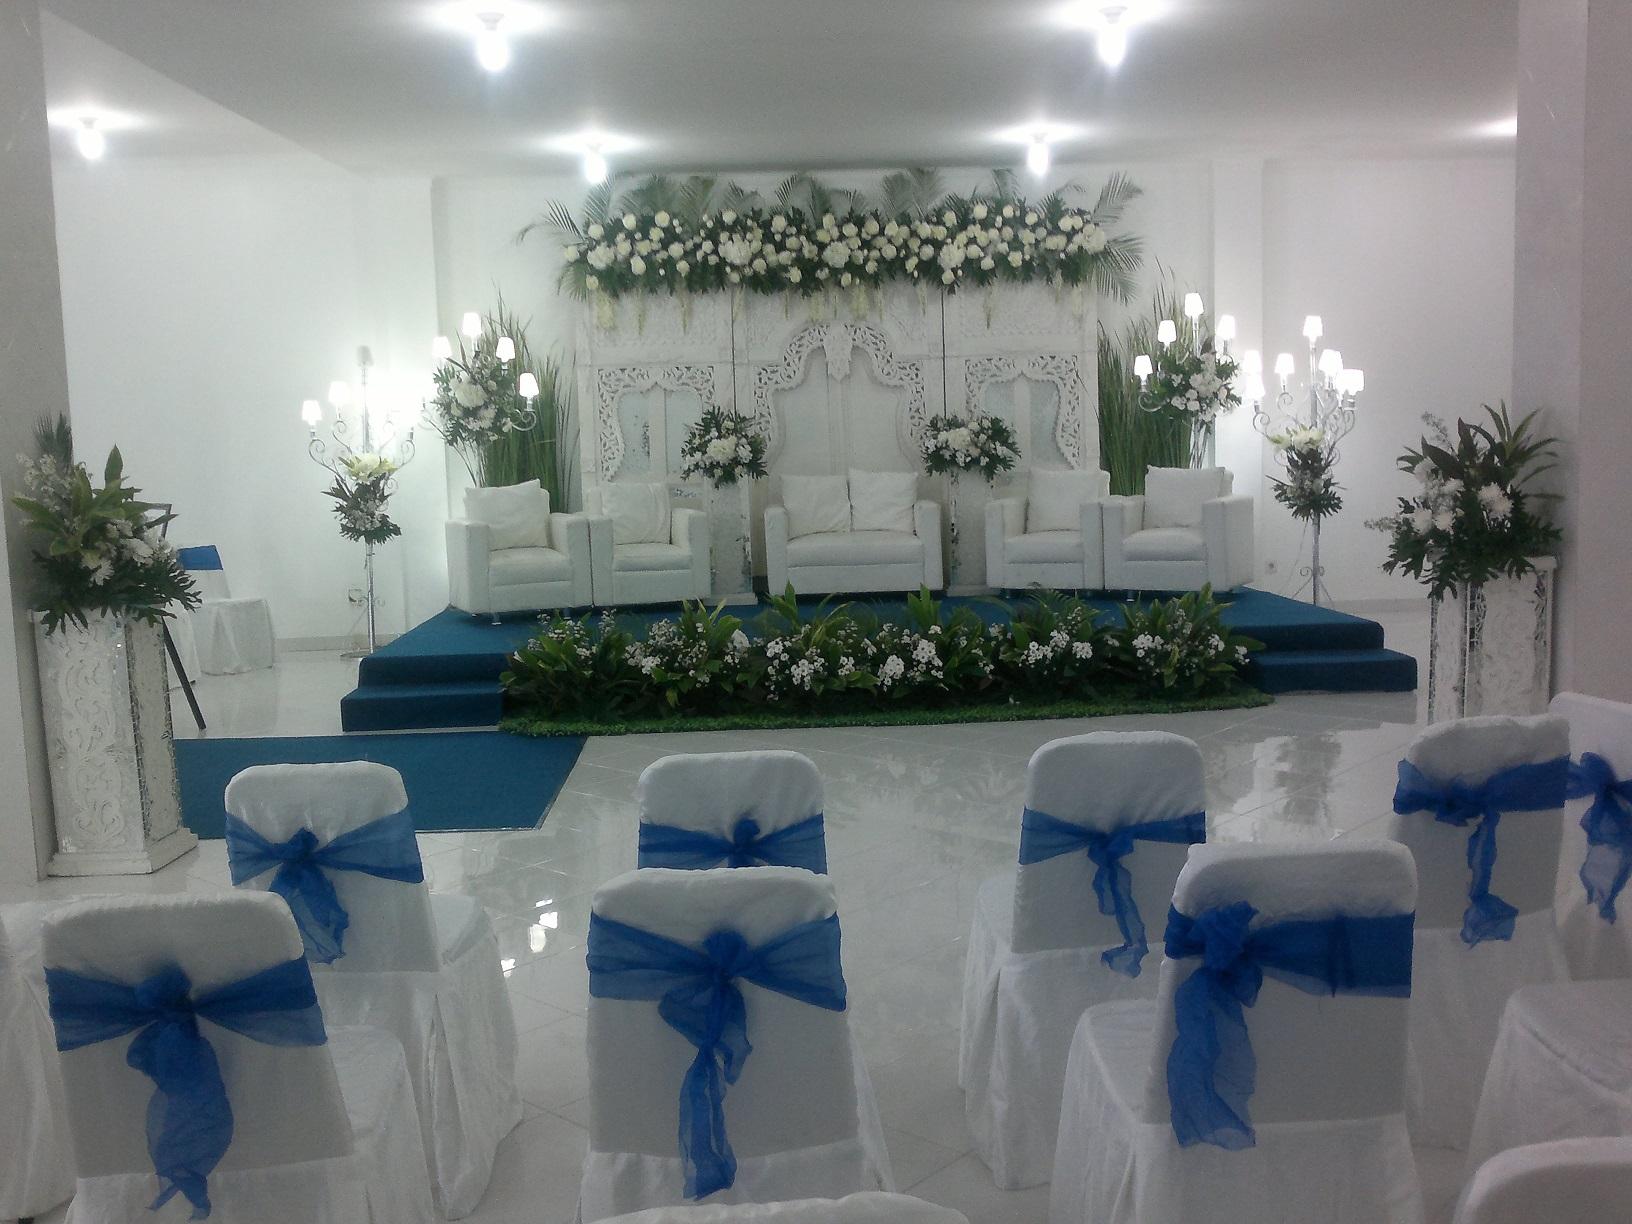 Dekorasi pernikahan terbaru house of eva 2014 for Dekor kamar hotel buat ulang tahun